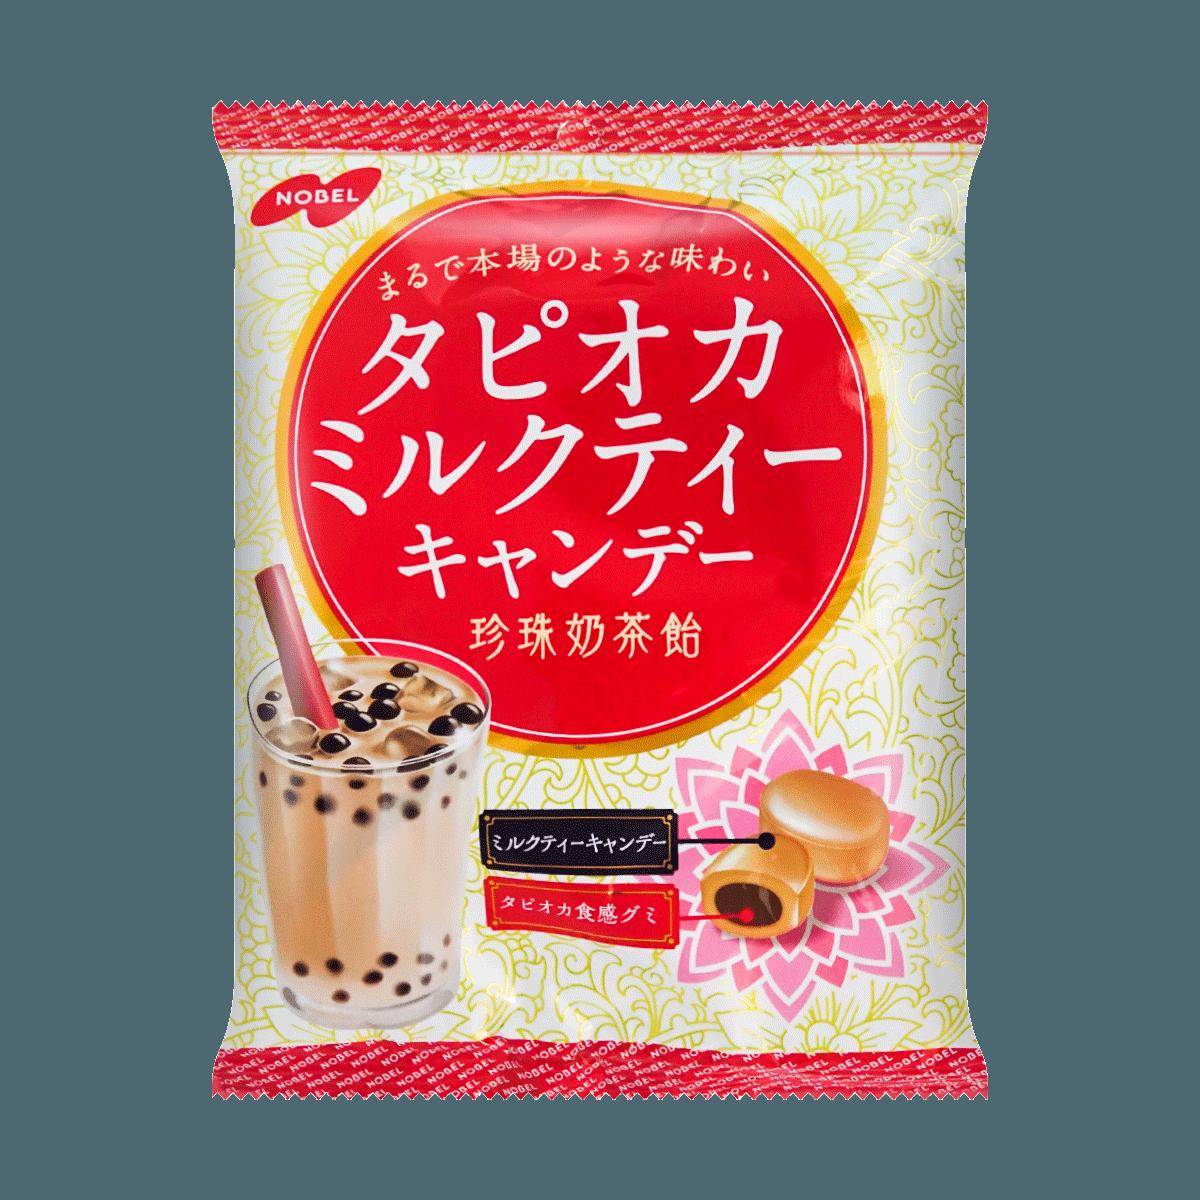 日本NOBEL诺贝尔製菓 黑糖珍珠奶茶糖果 夹心硬糖 90g 怎么样 - 亚米网